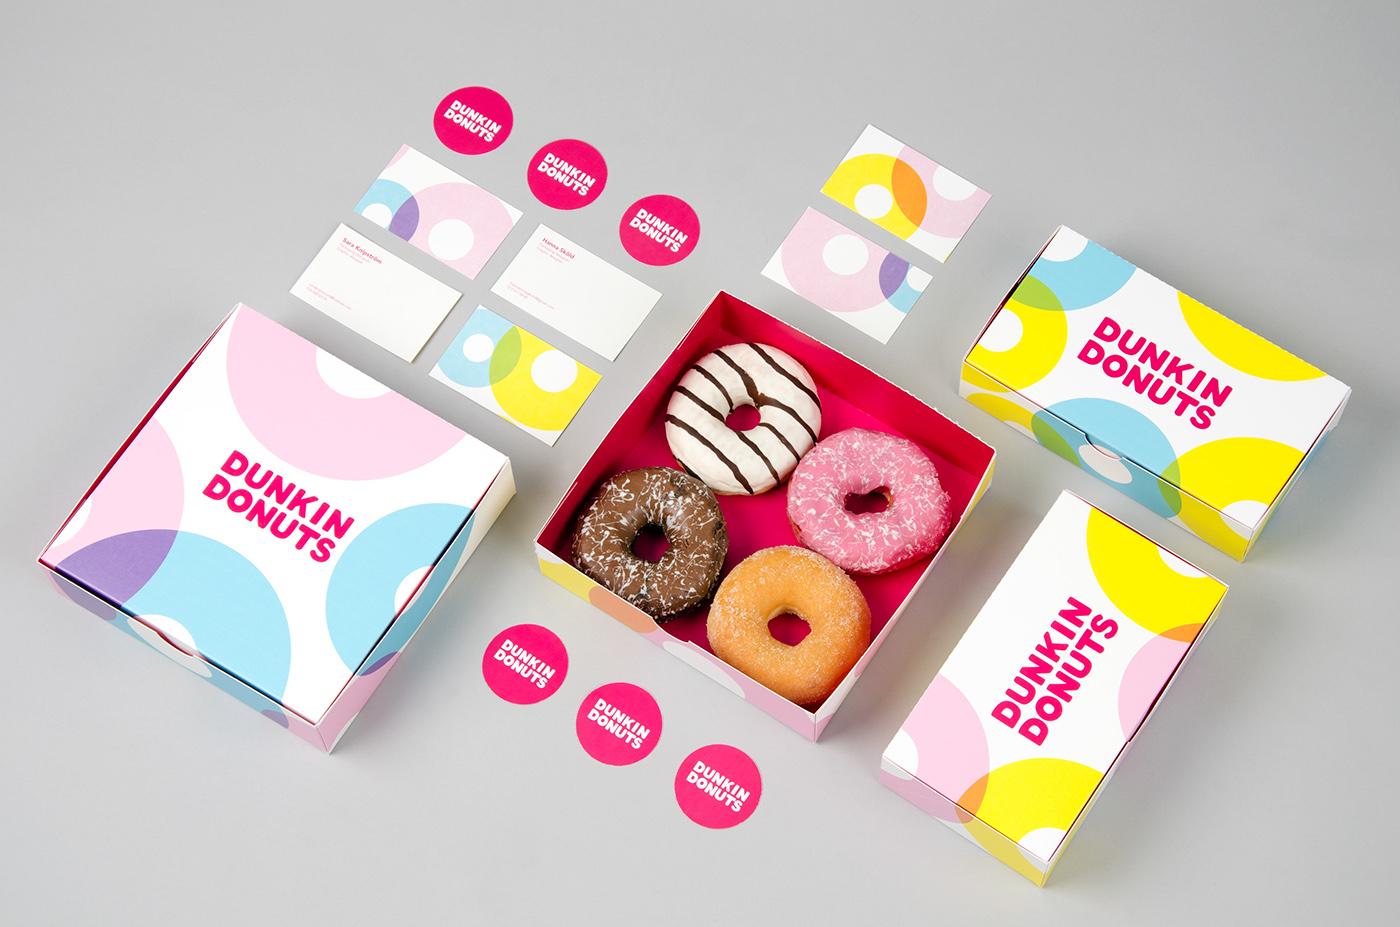 dunkin donuts 4